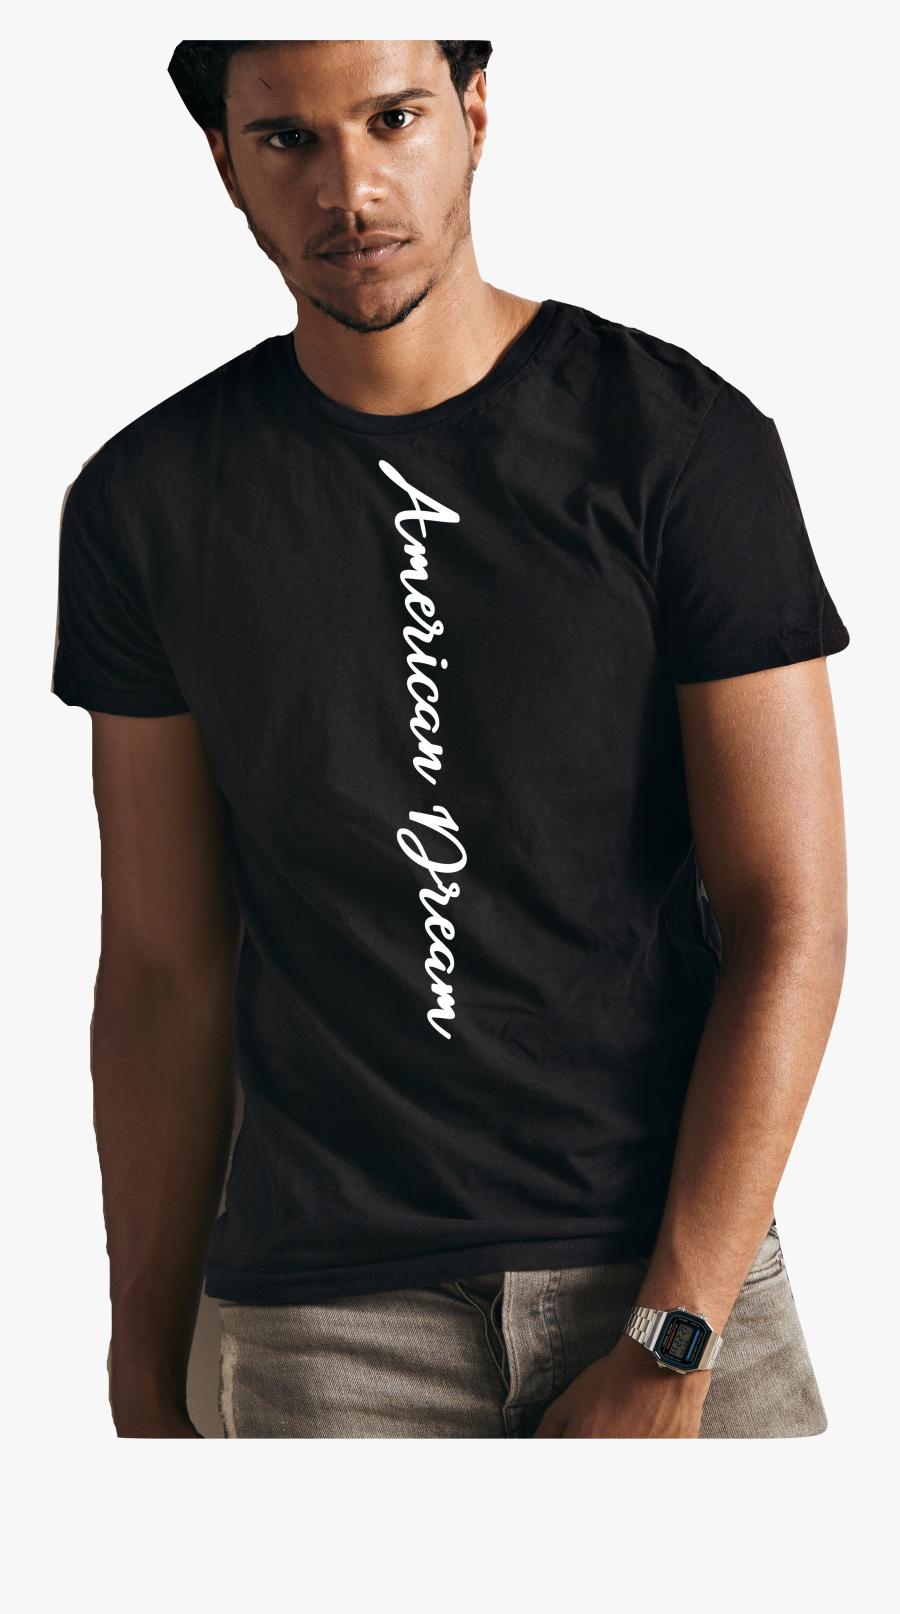 T Shirt Hermione Leviosa, Transparent Clipart